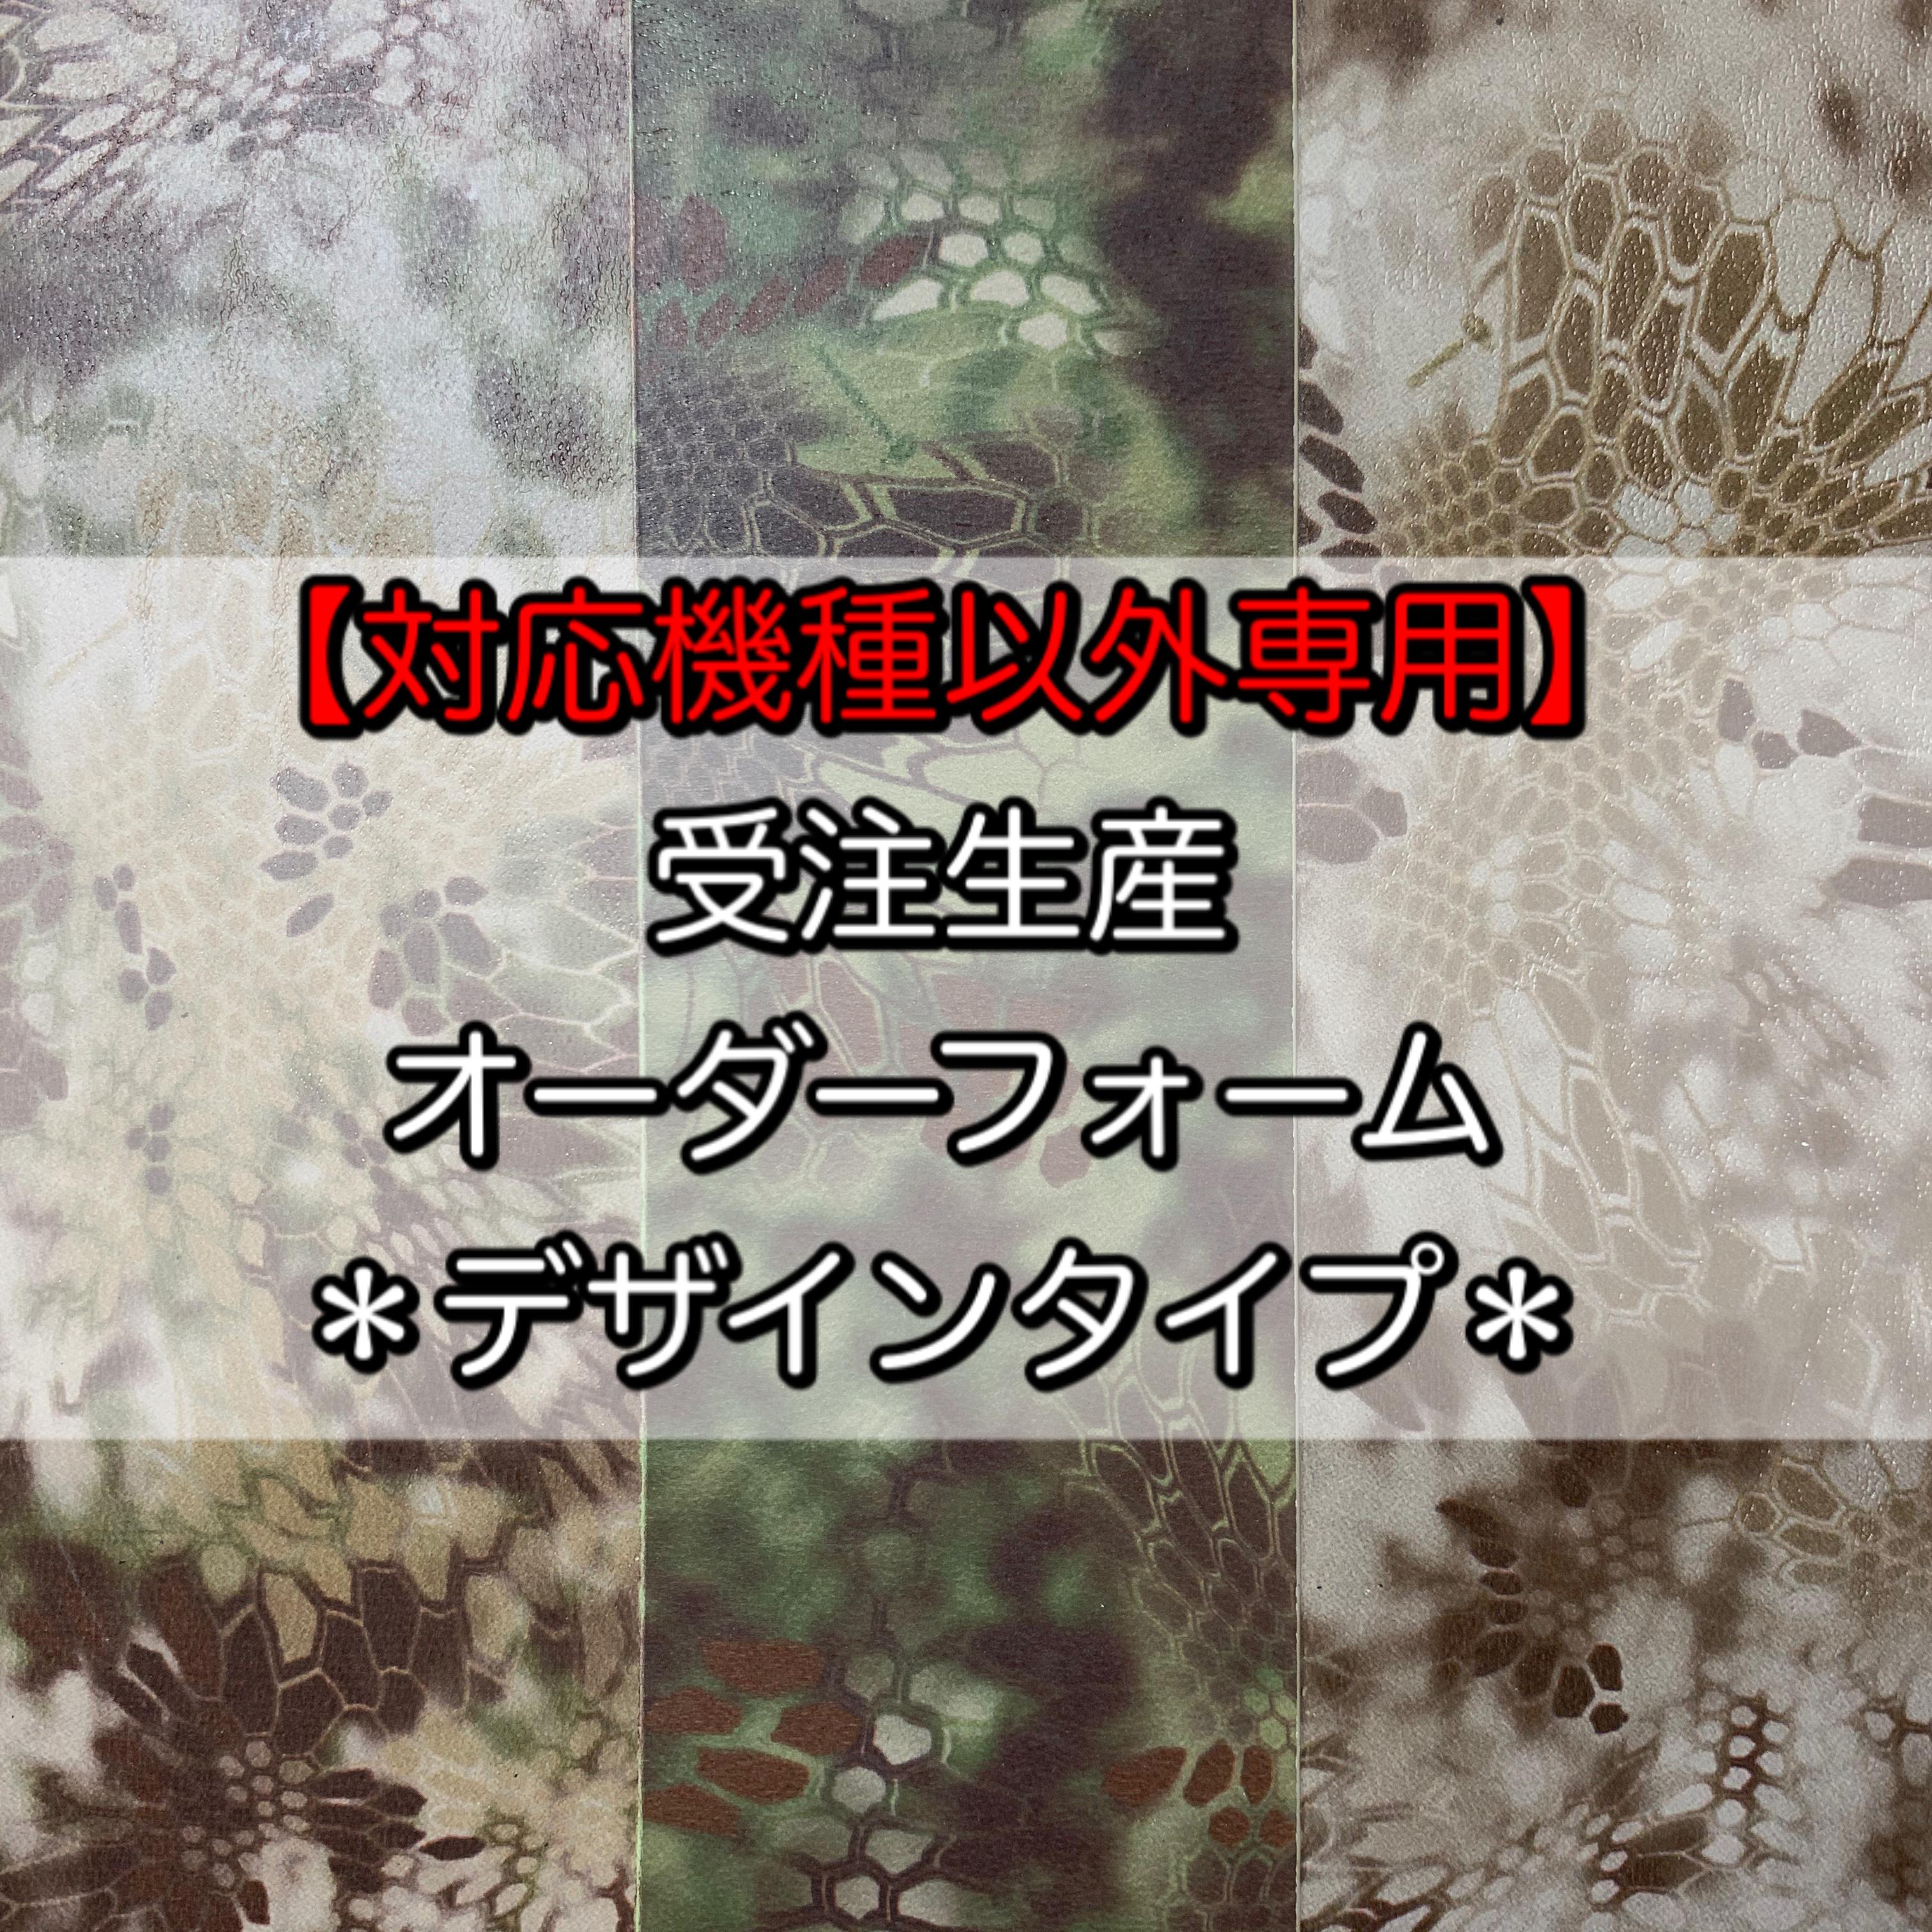 【非対応機種:受注生産用オーダーフォーム】デザインタイプ